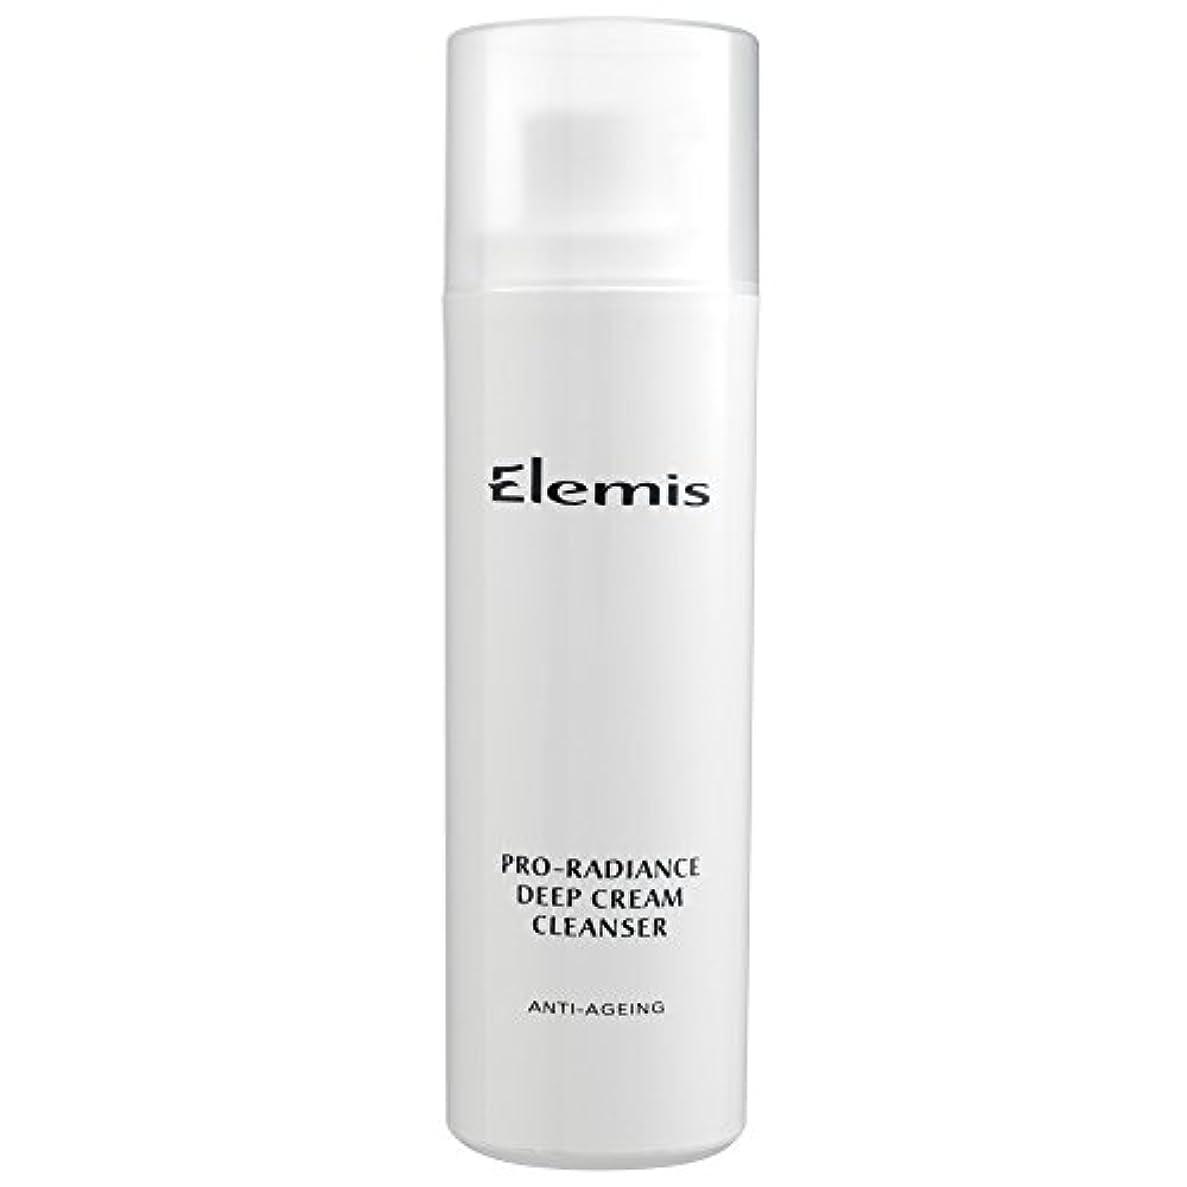 嵐のポーチお金エレミスプロ輝きクリームクレンザー、150ミリリットル (Elemis) - Elemis Pro-Radiance Cream Cleanser, 150ml [並行輸入品]